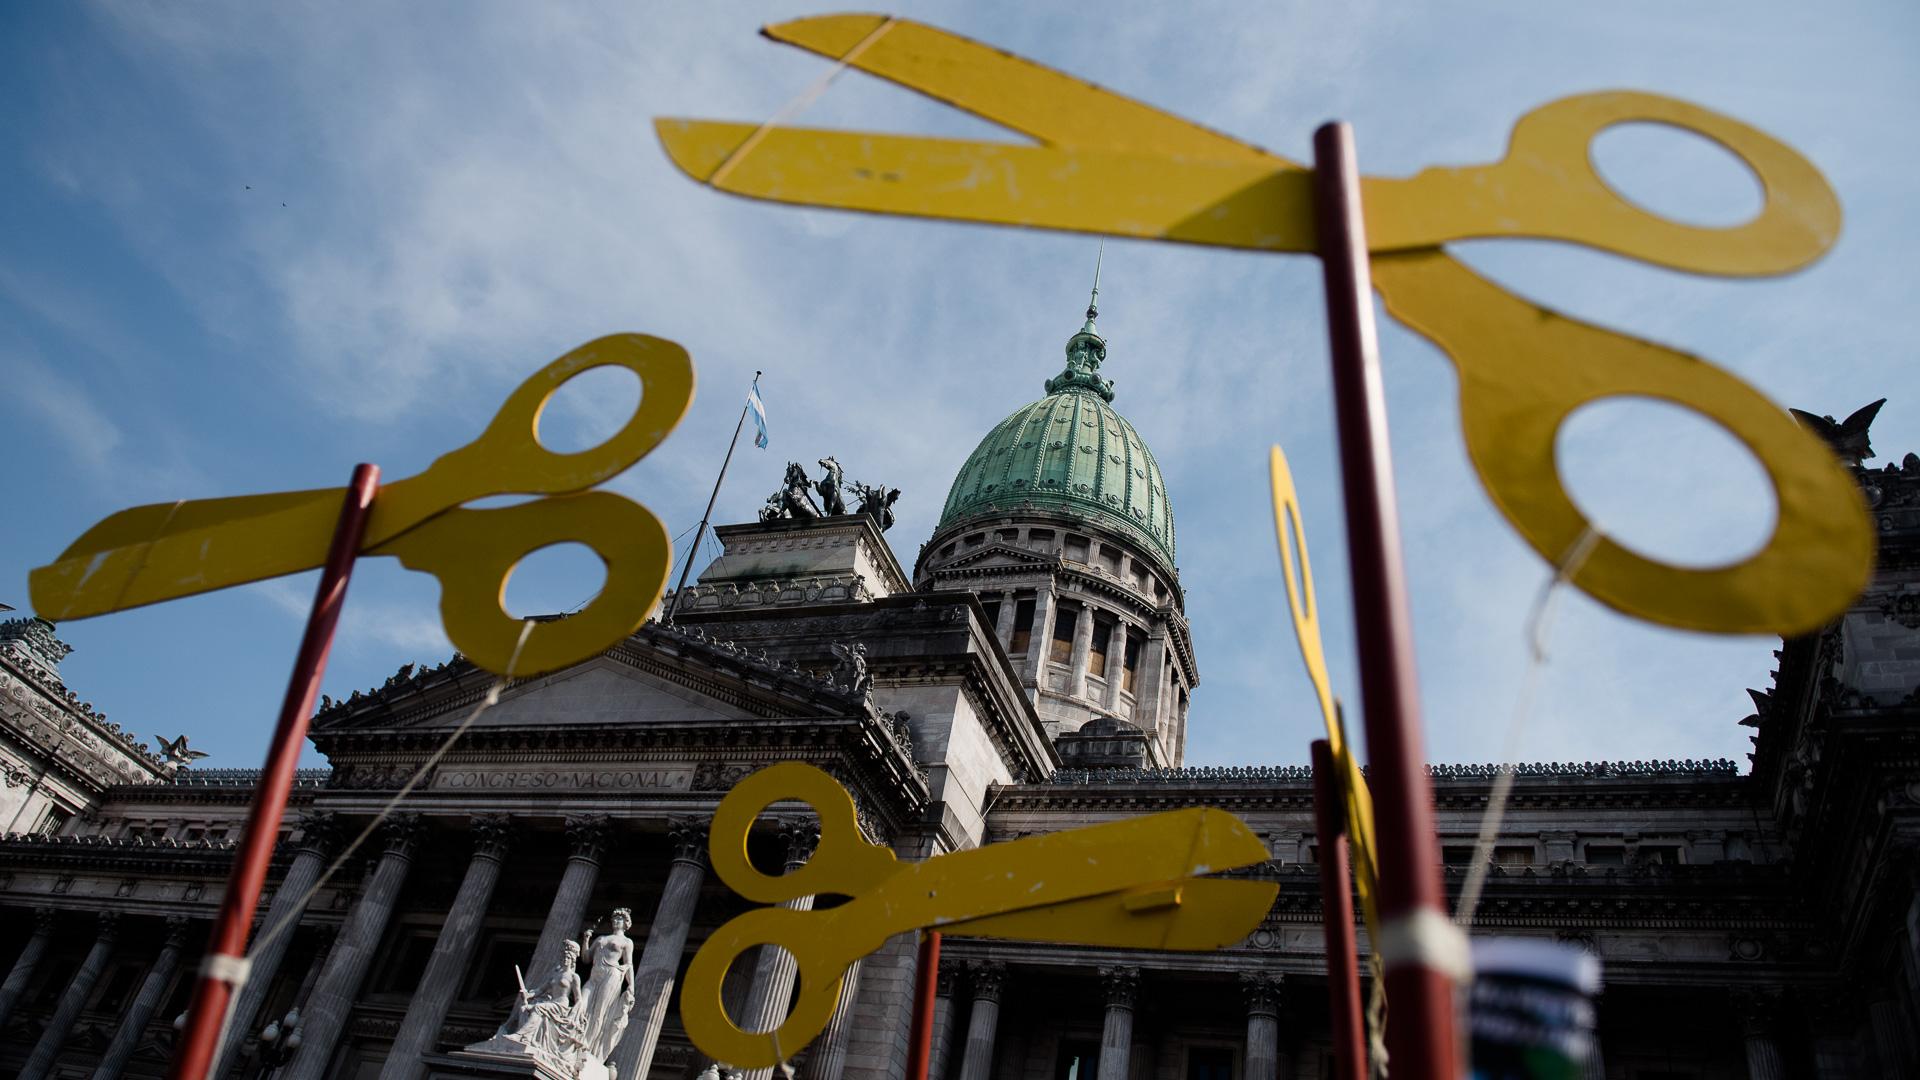 Tres tijeras rodeando la cúpula del Congreso Nacional durante la marcha federal docente en protesta por el recorte presupuestario a la educación pública (Adrián Escandar)